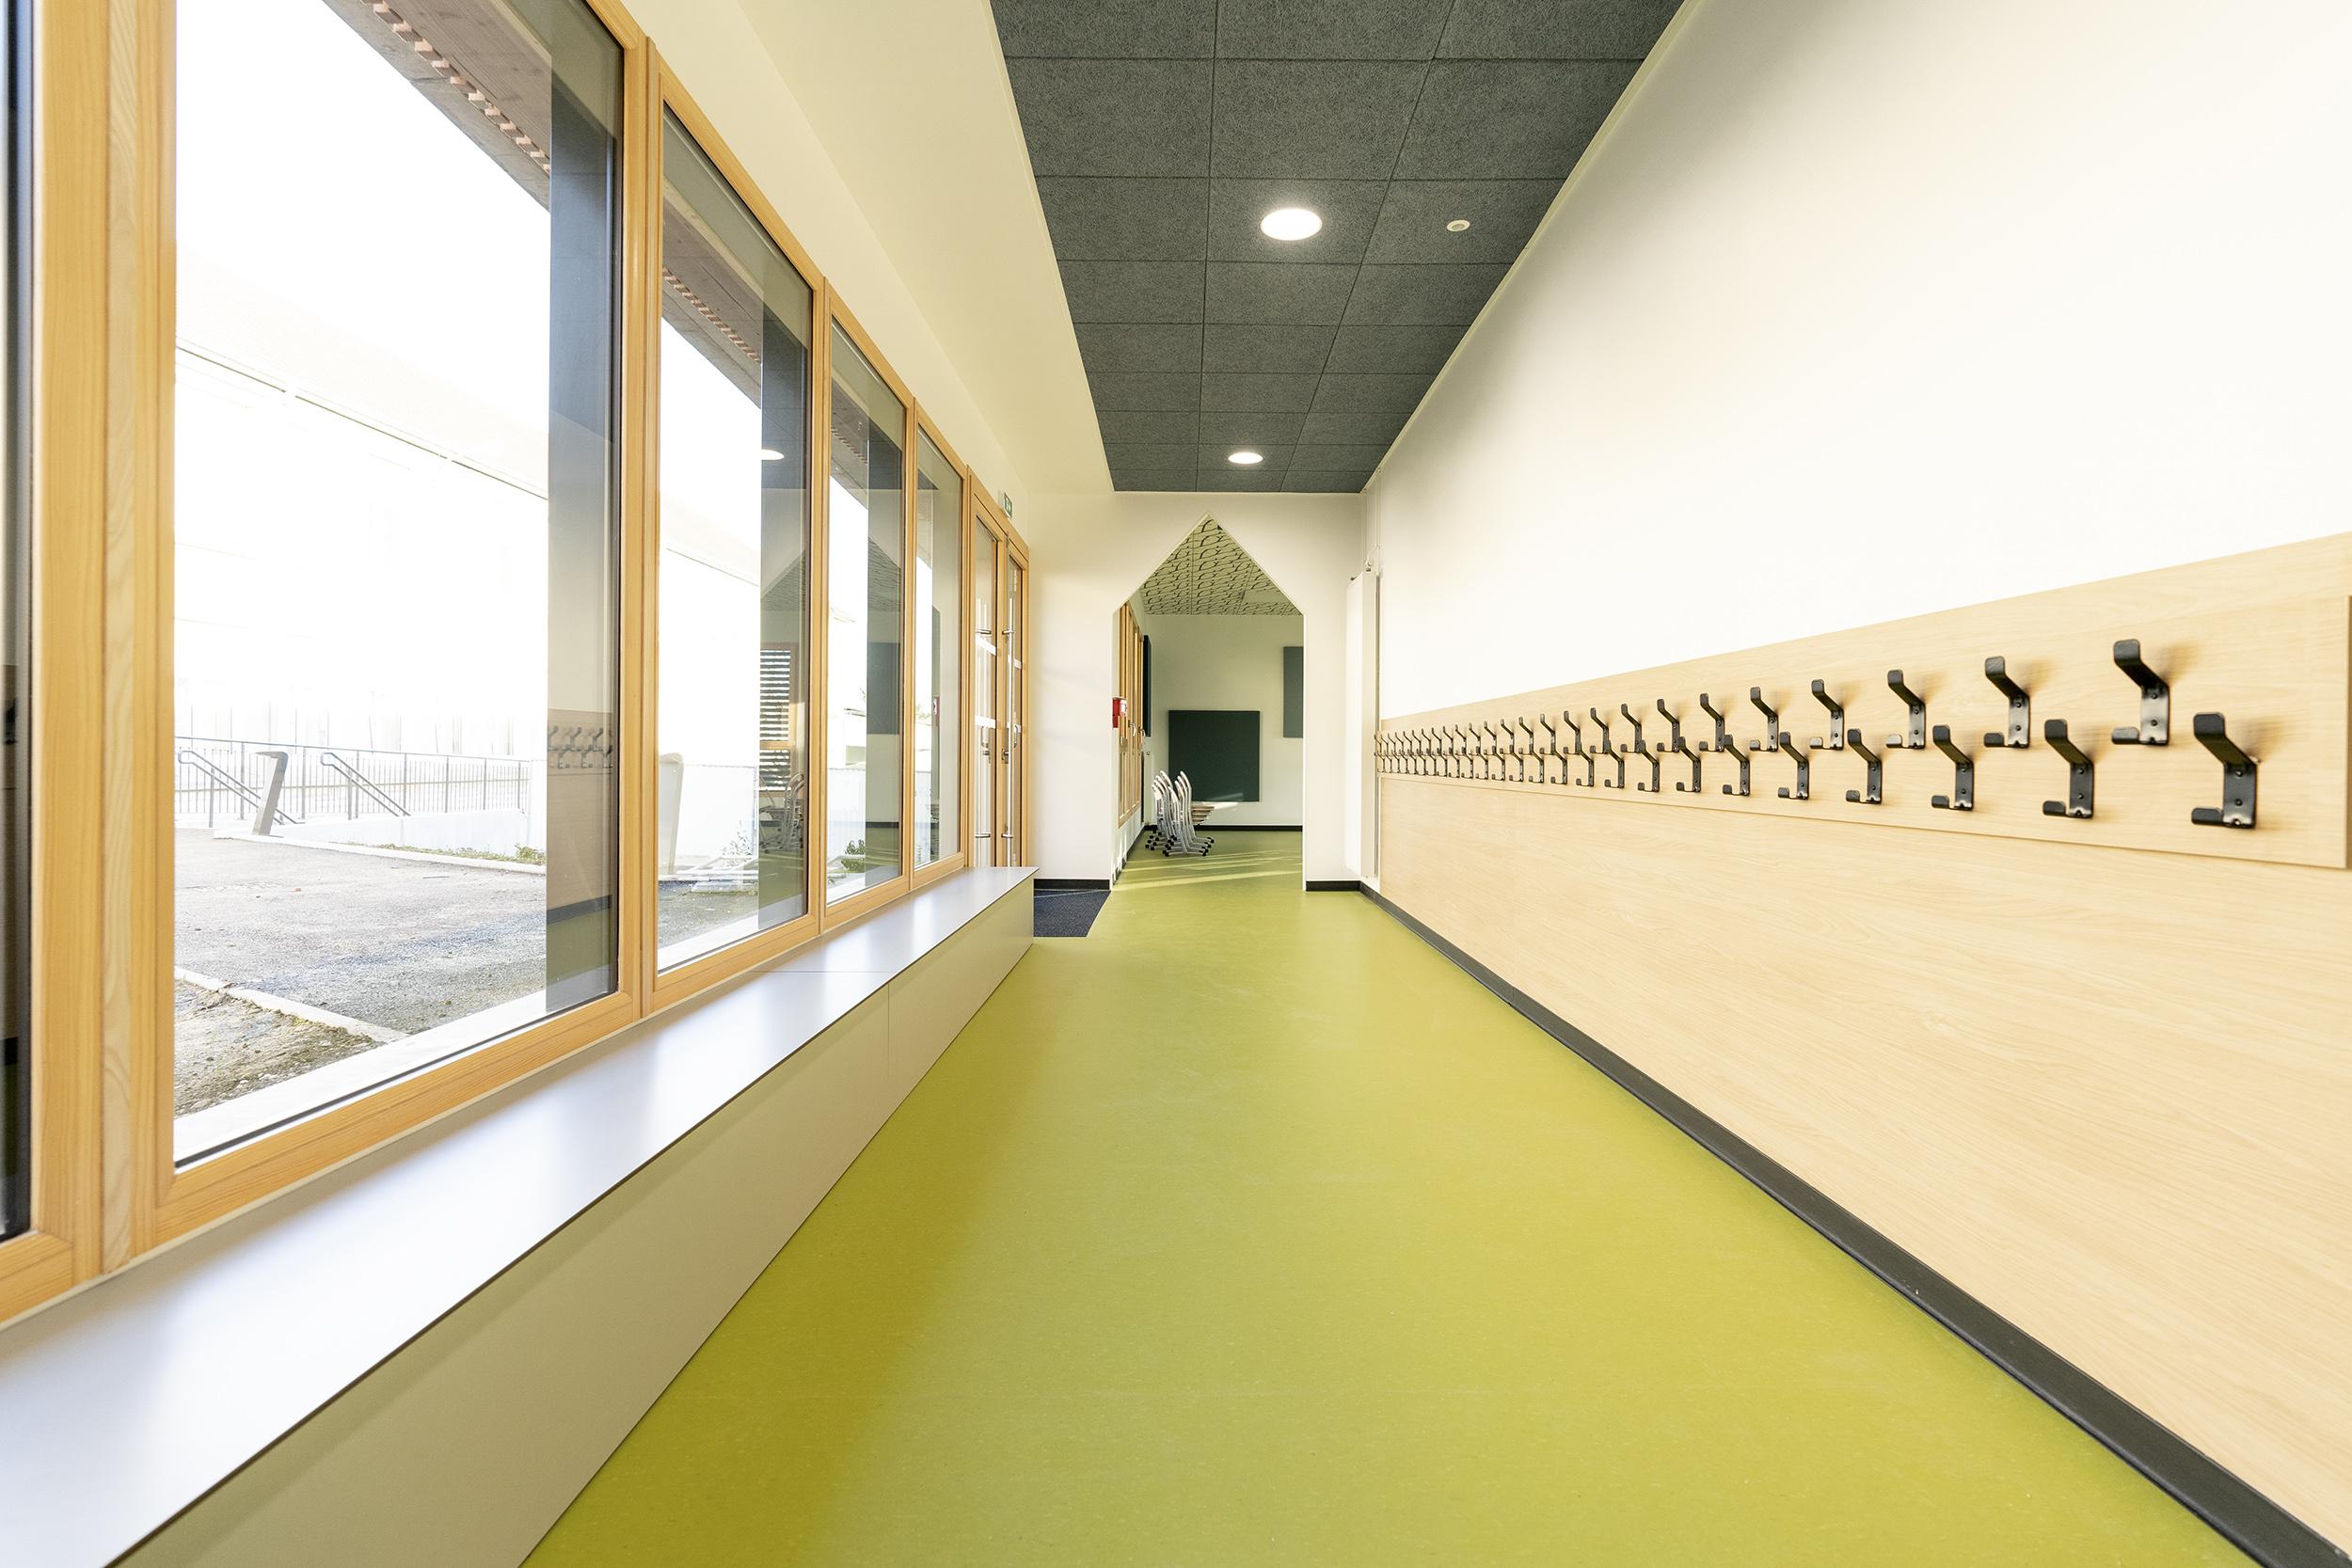 Chouette architecture - restaurant scolaire - fontaine les dijon - 2000 9